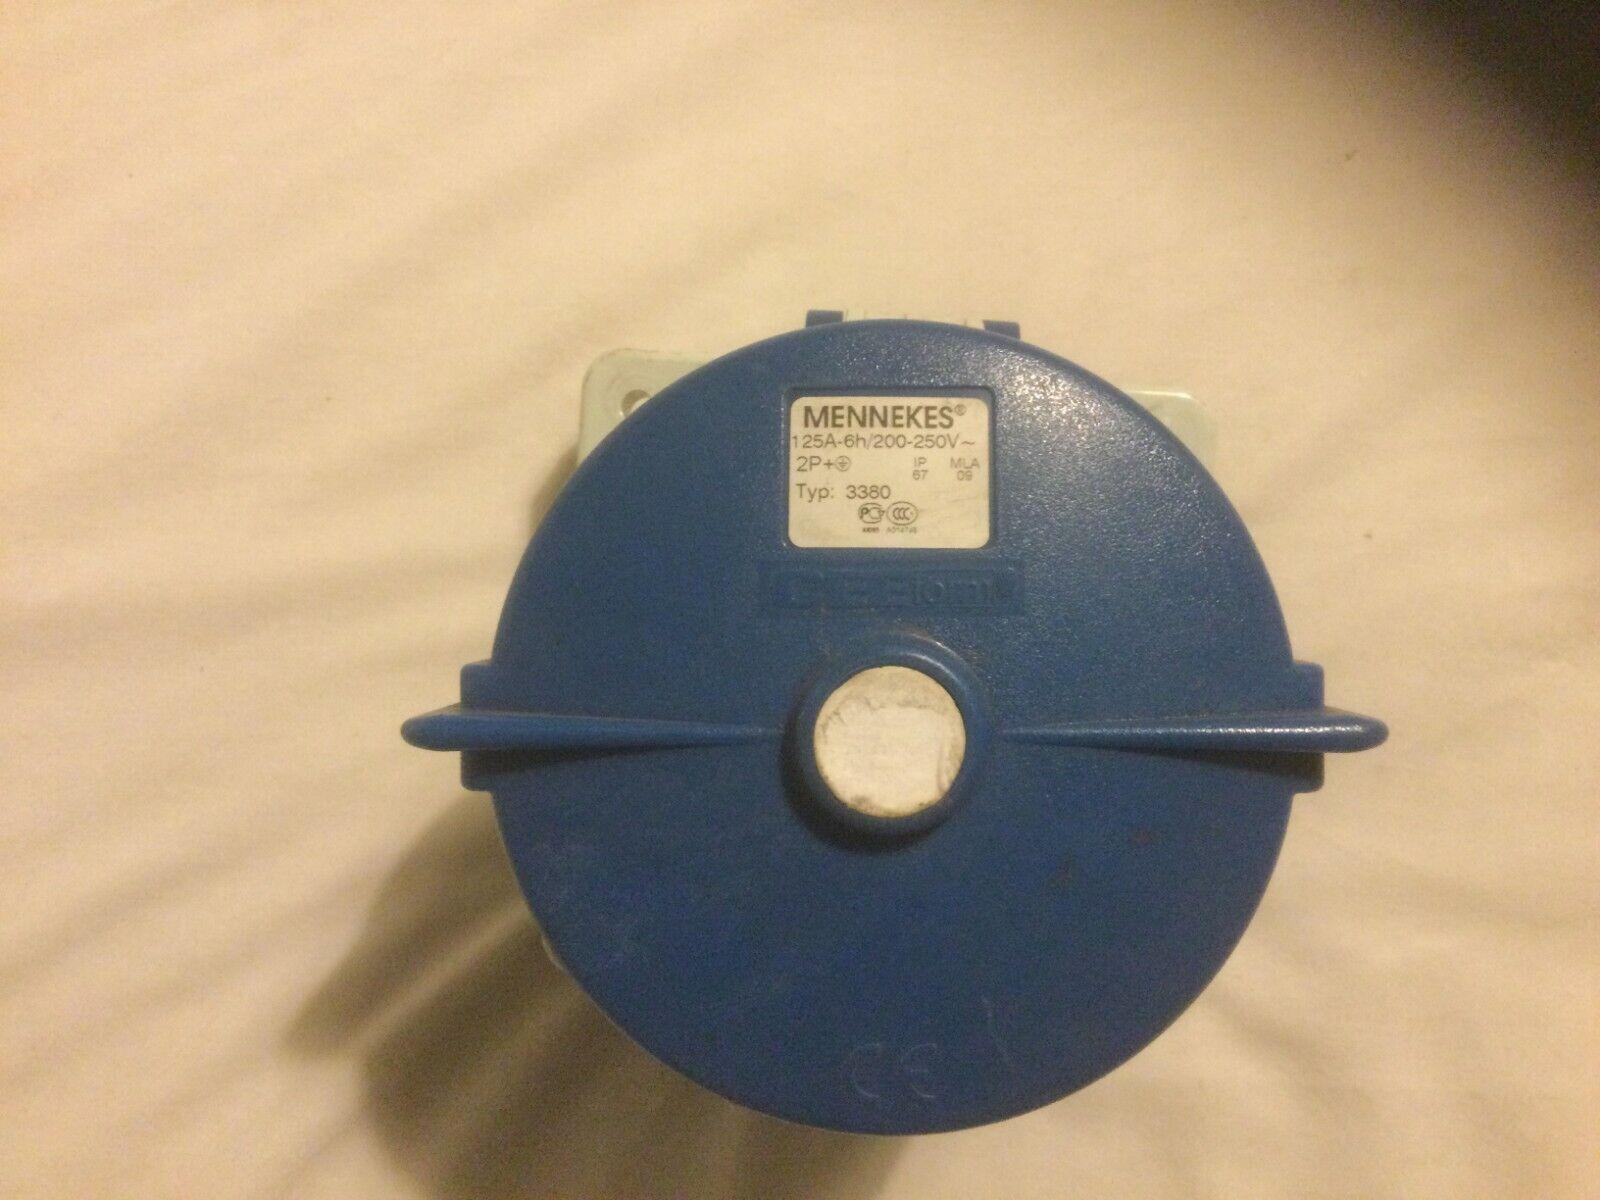 1 x Mennekes 3380 125A 2P+E Panel mounted Socket